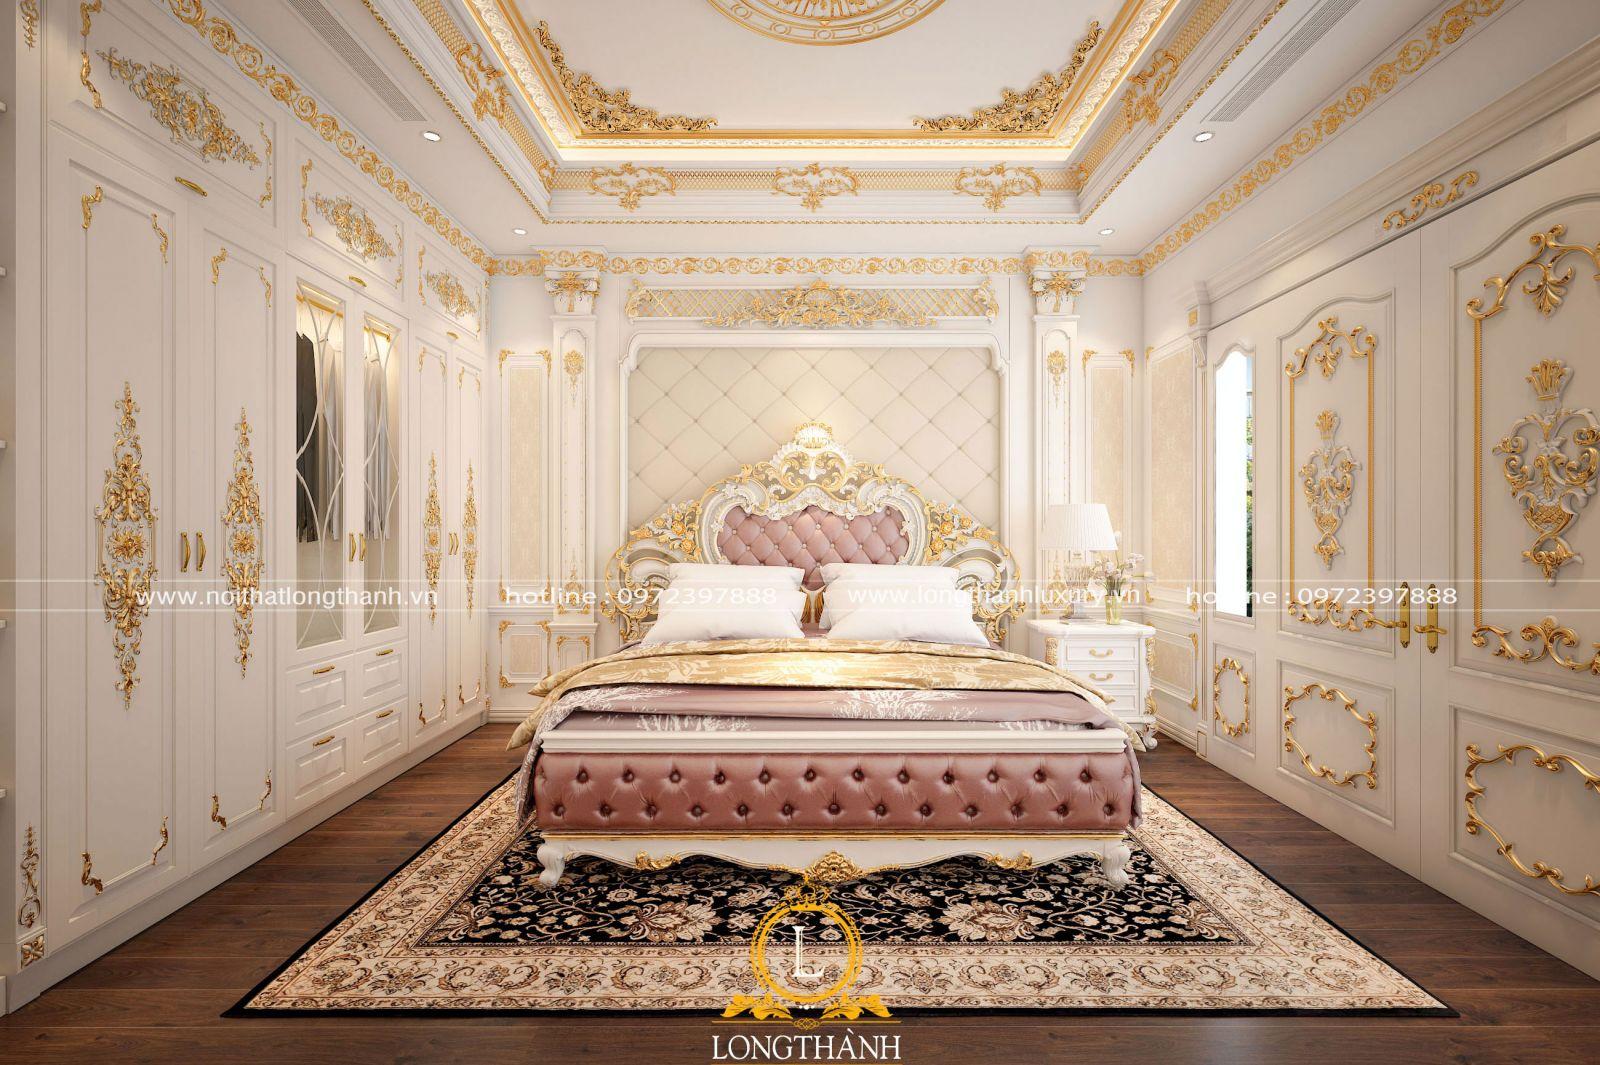 Phòng ngủ  màu trắng được dát vàng lộng lẫya